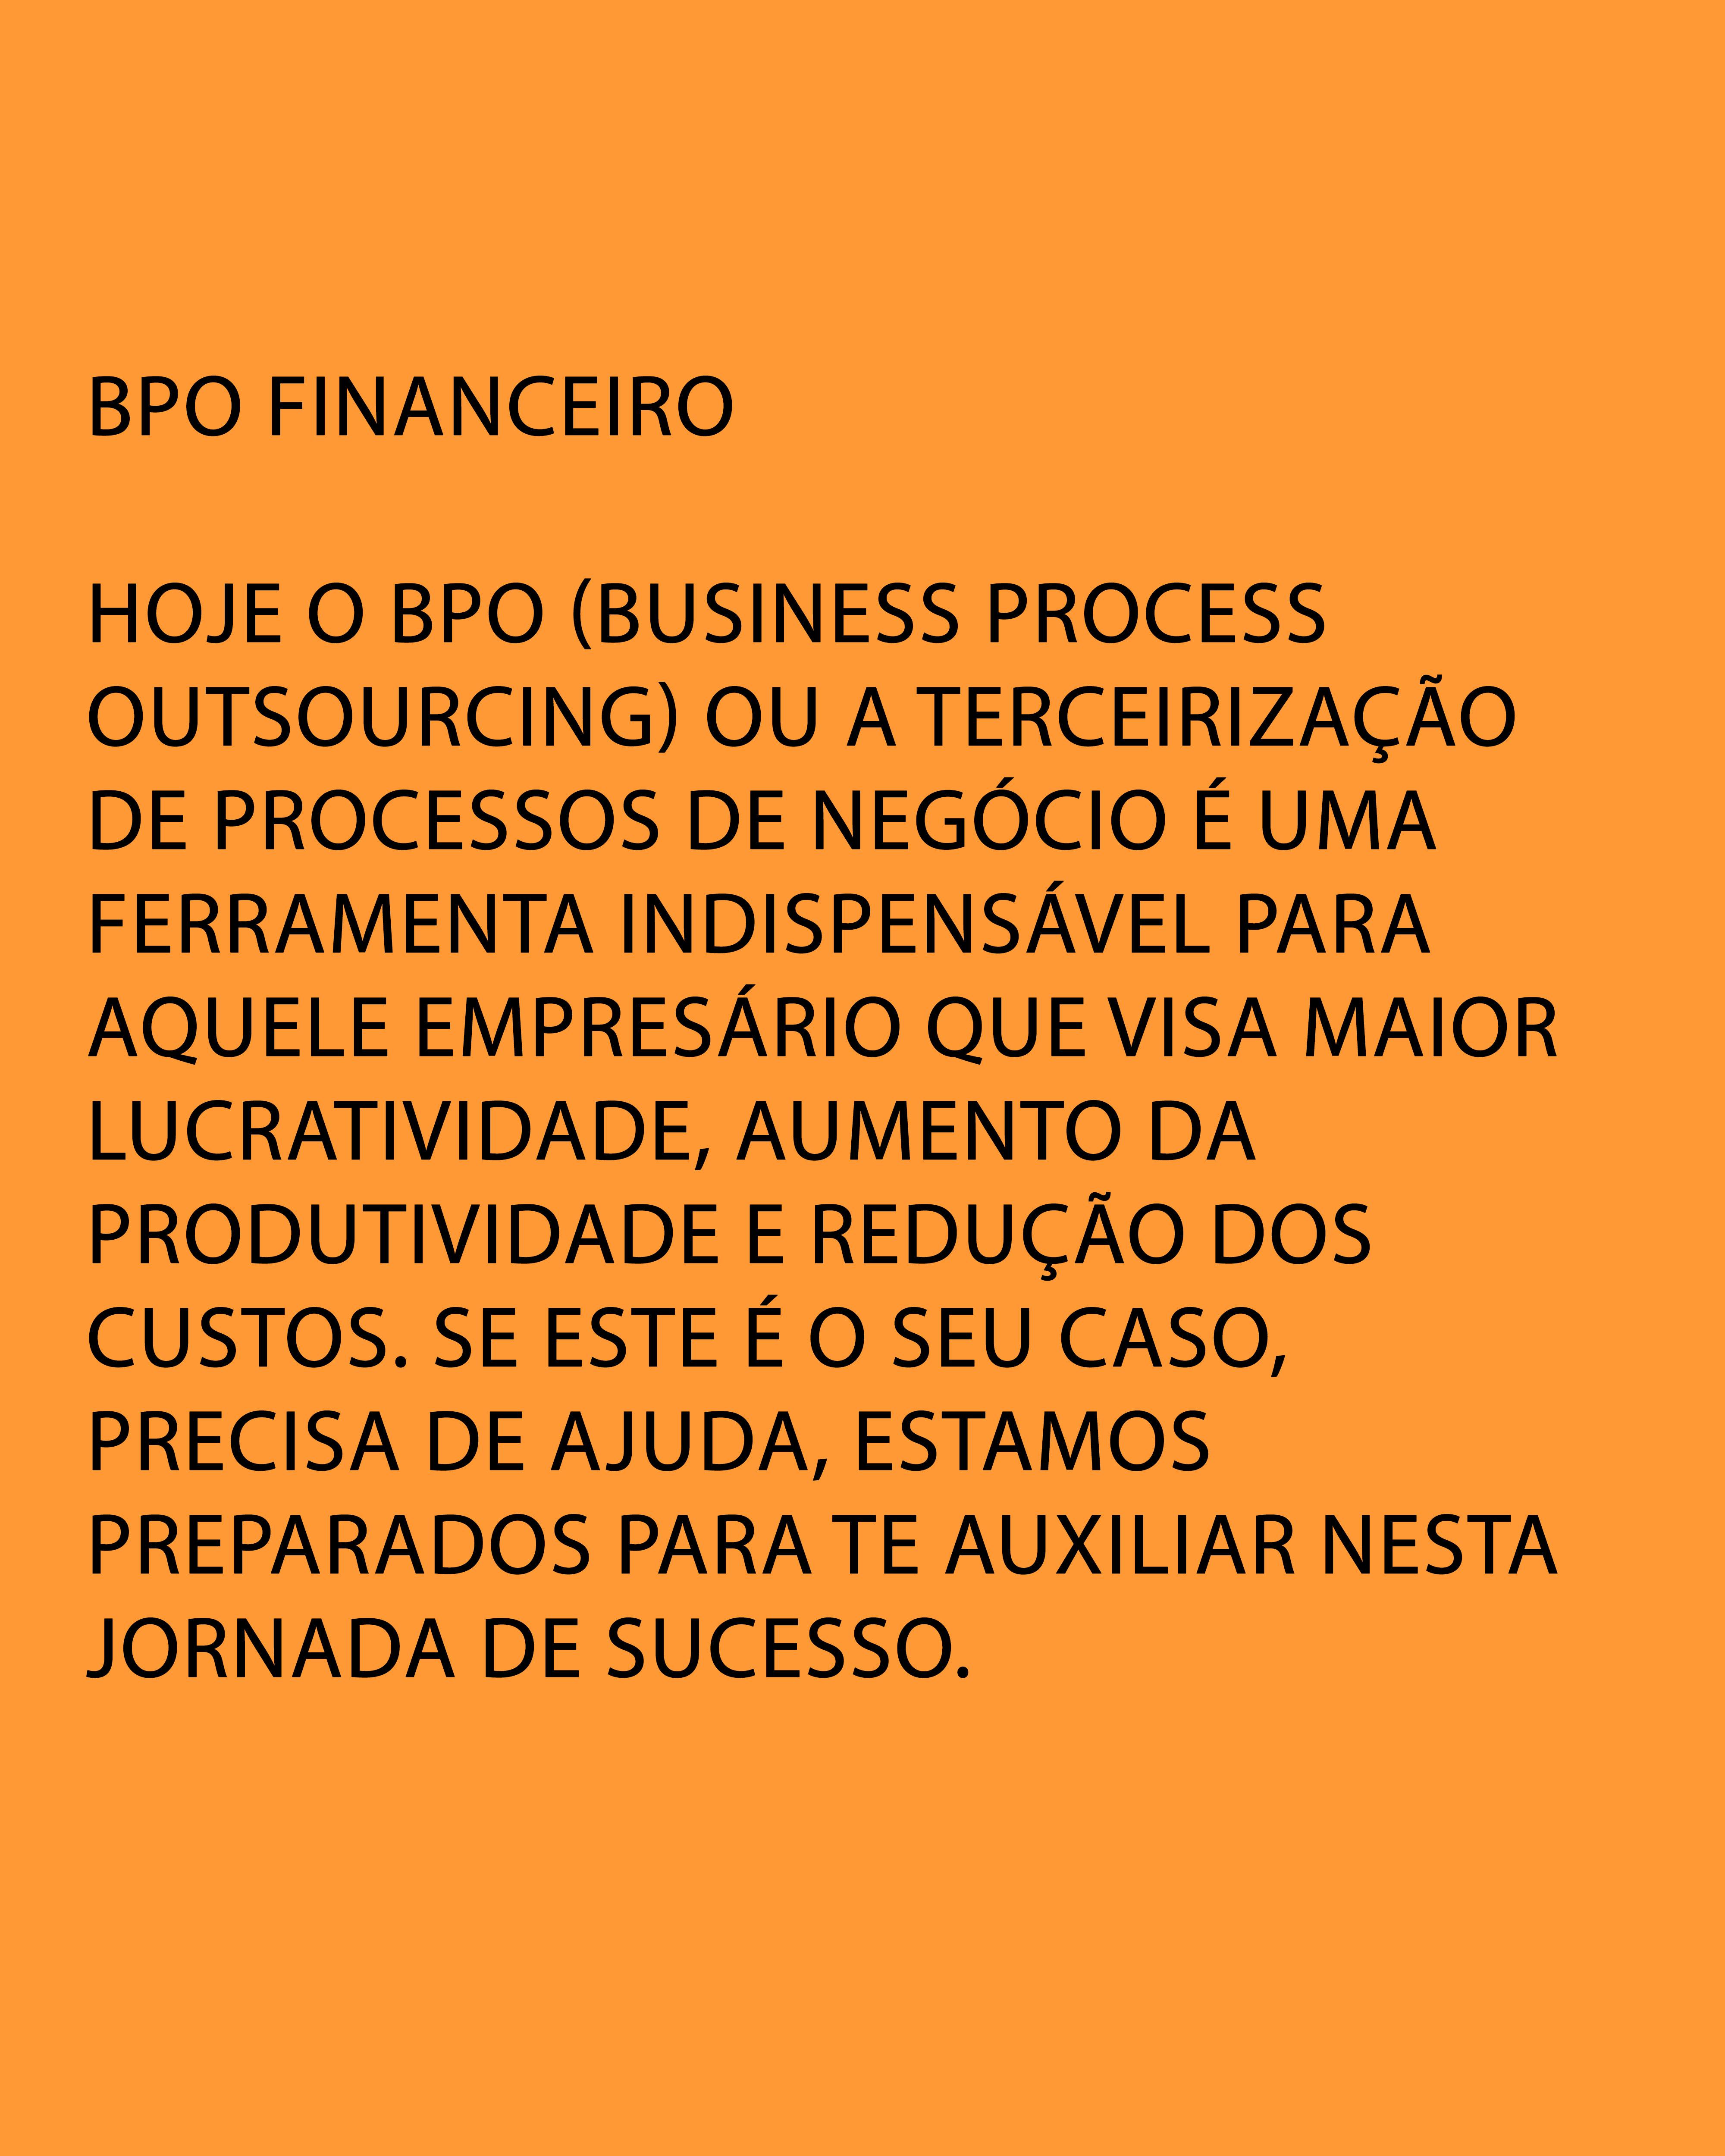 texto_bpo